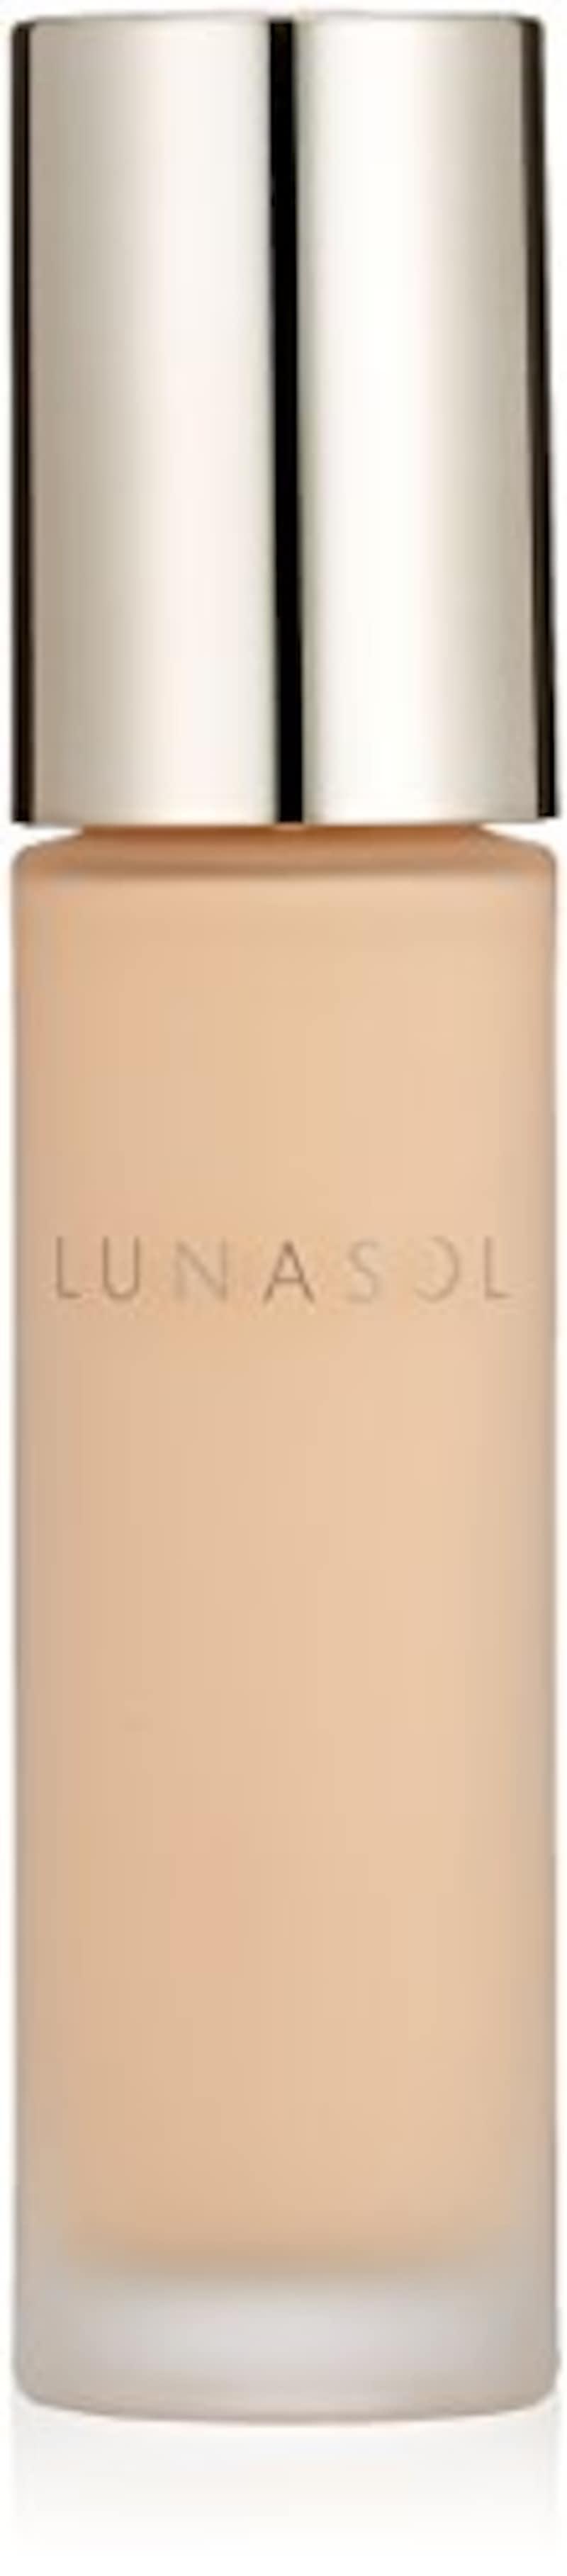 LUNASOL(ルナソル),グロウイングウォータリーオイルリクイド